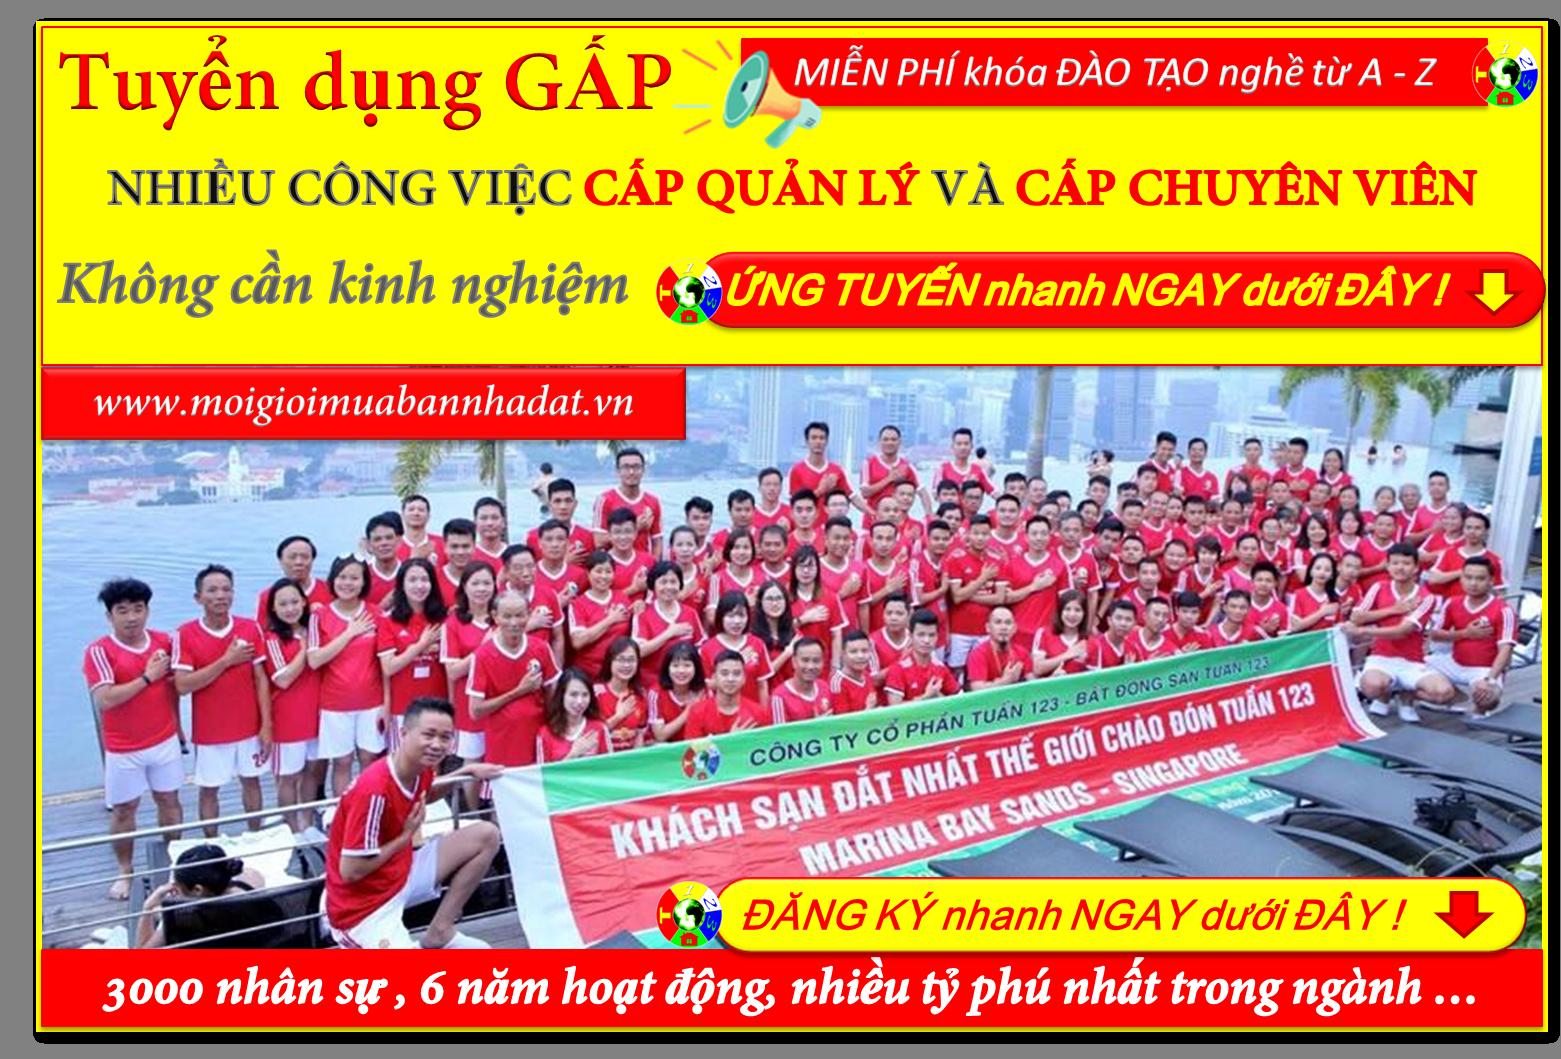 Công ty Bất động sản Tuấn 123 tuyển dụng nhân viên kinh doanh Bất động sản Thổ cư tại Hồ Chí Minh